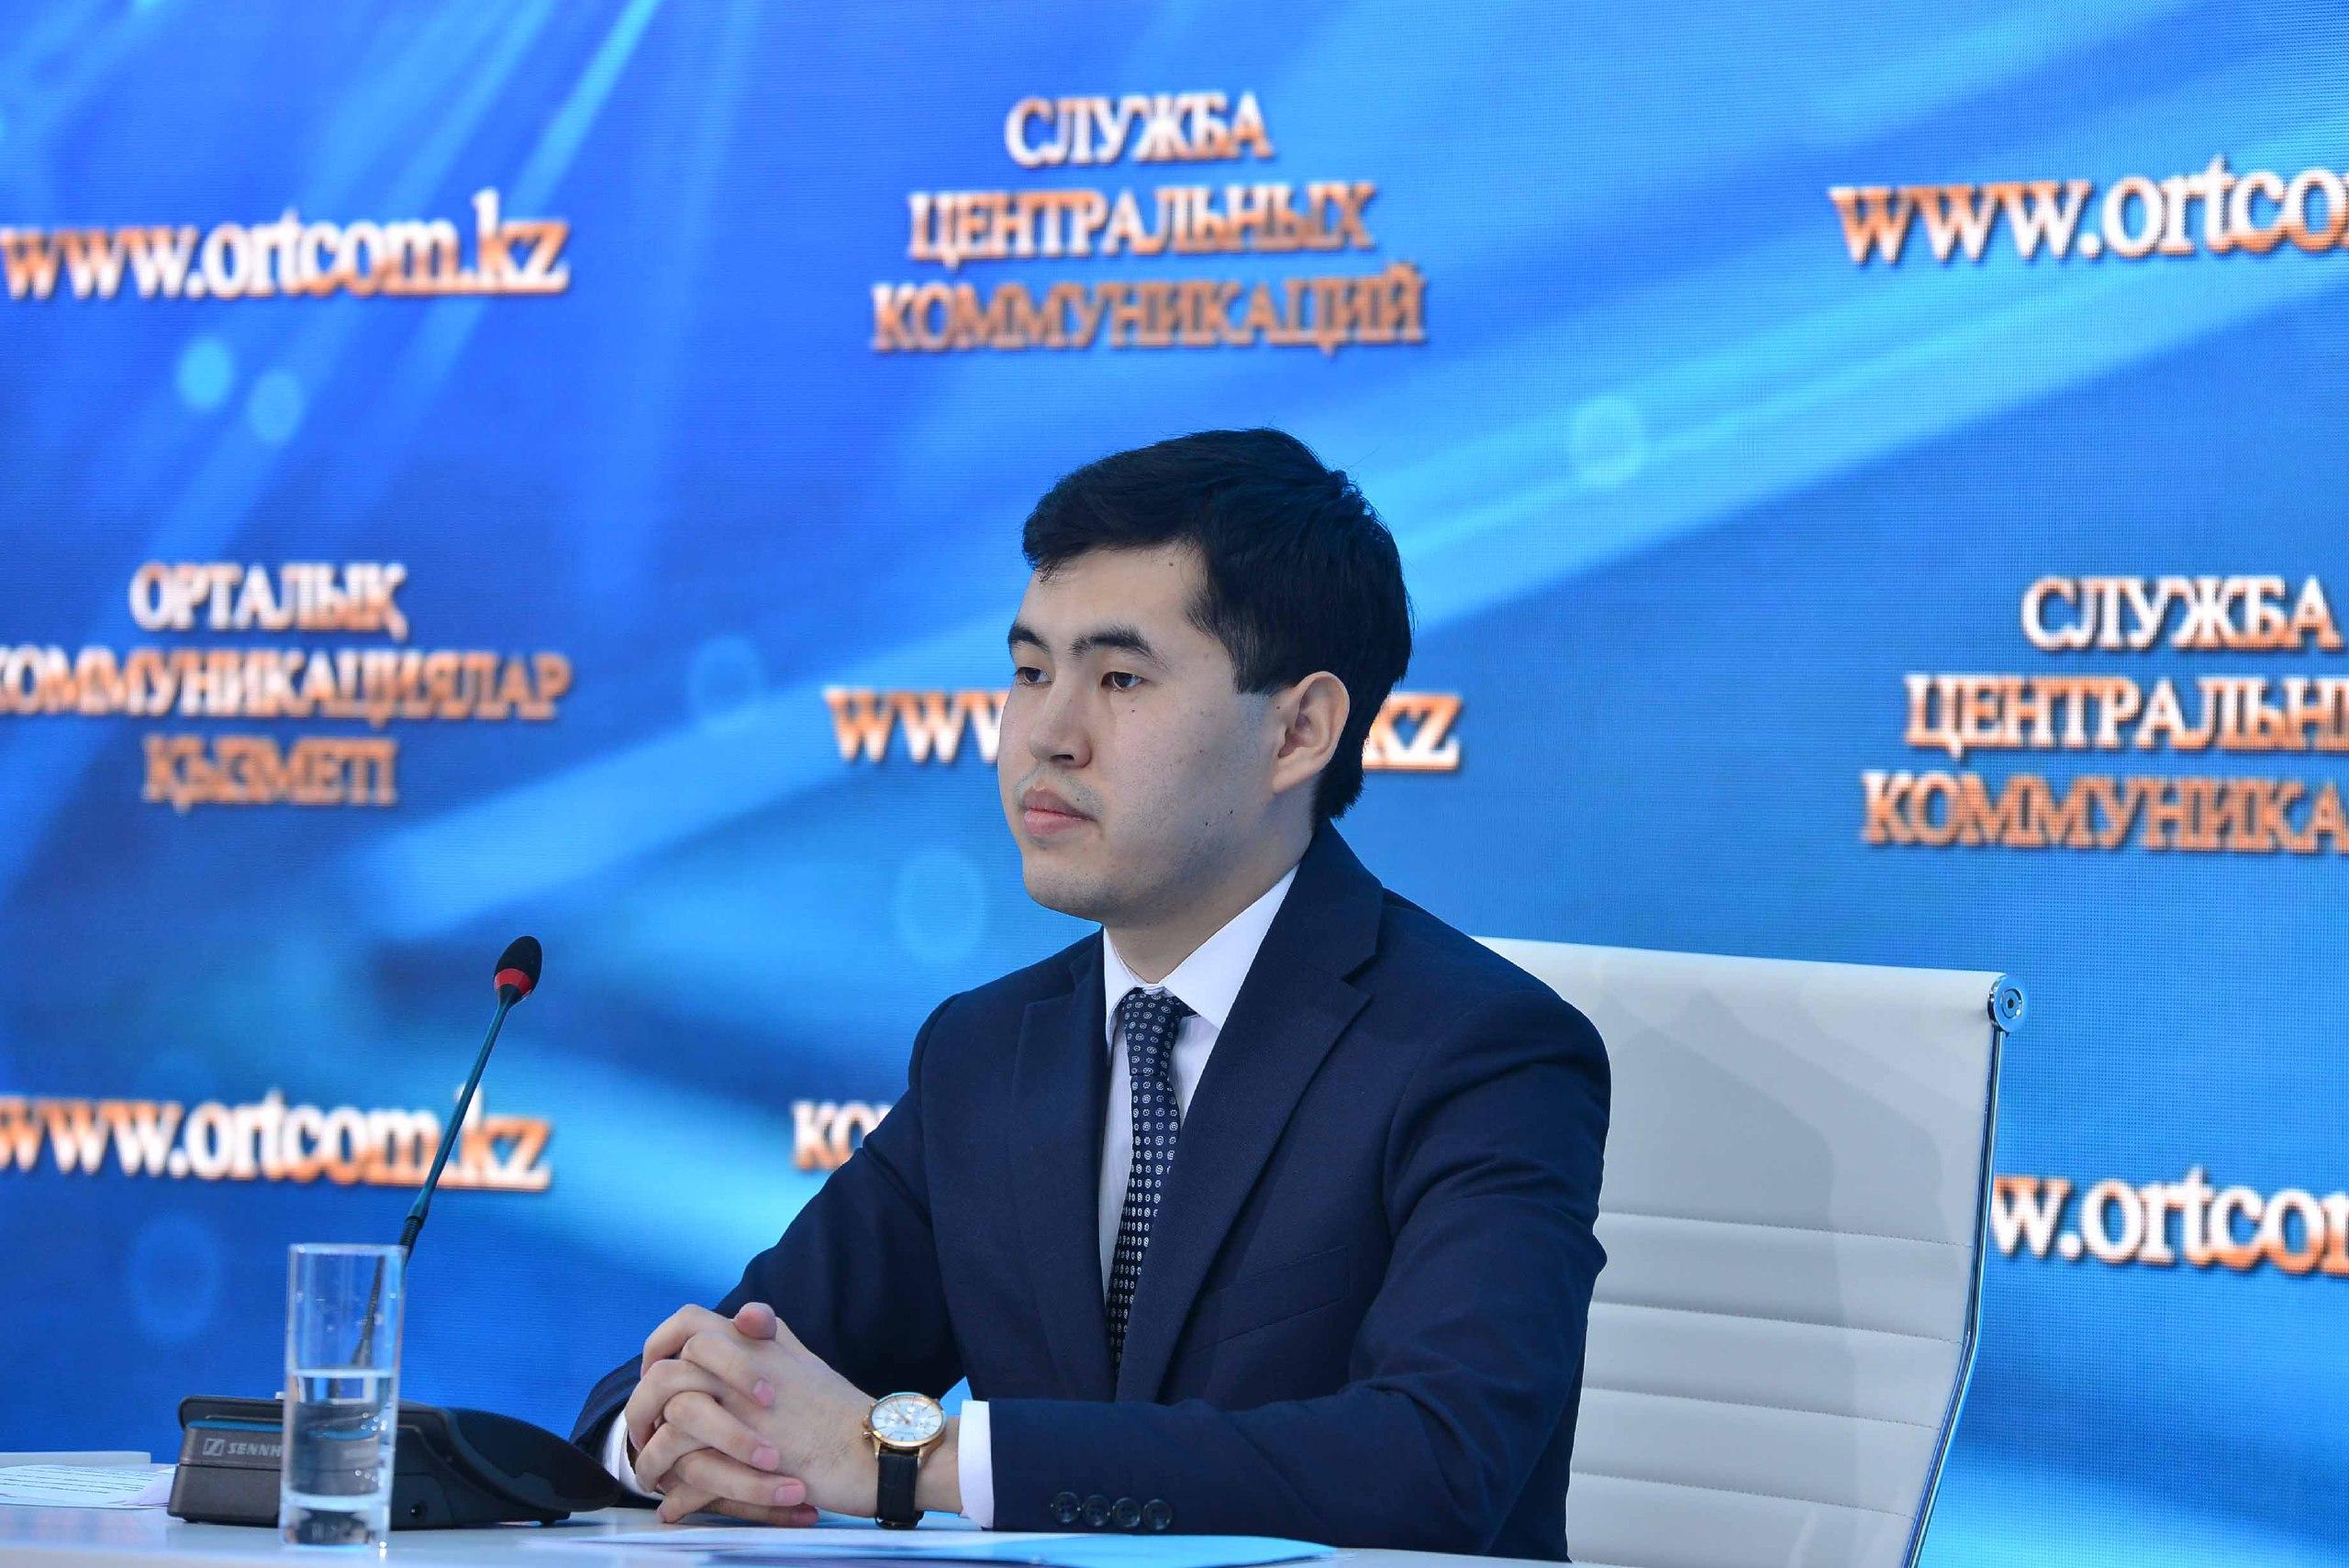 Количество интернет-покупателей в Казахстане в 2018 году увеличилось вдвое и составило 2,3 млн чел